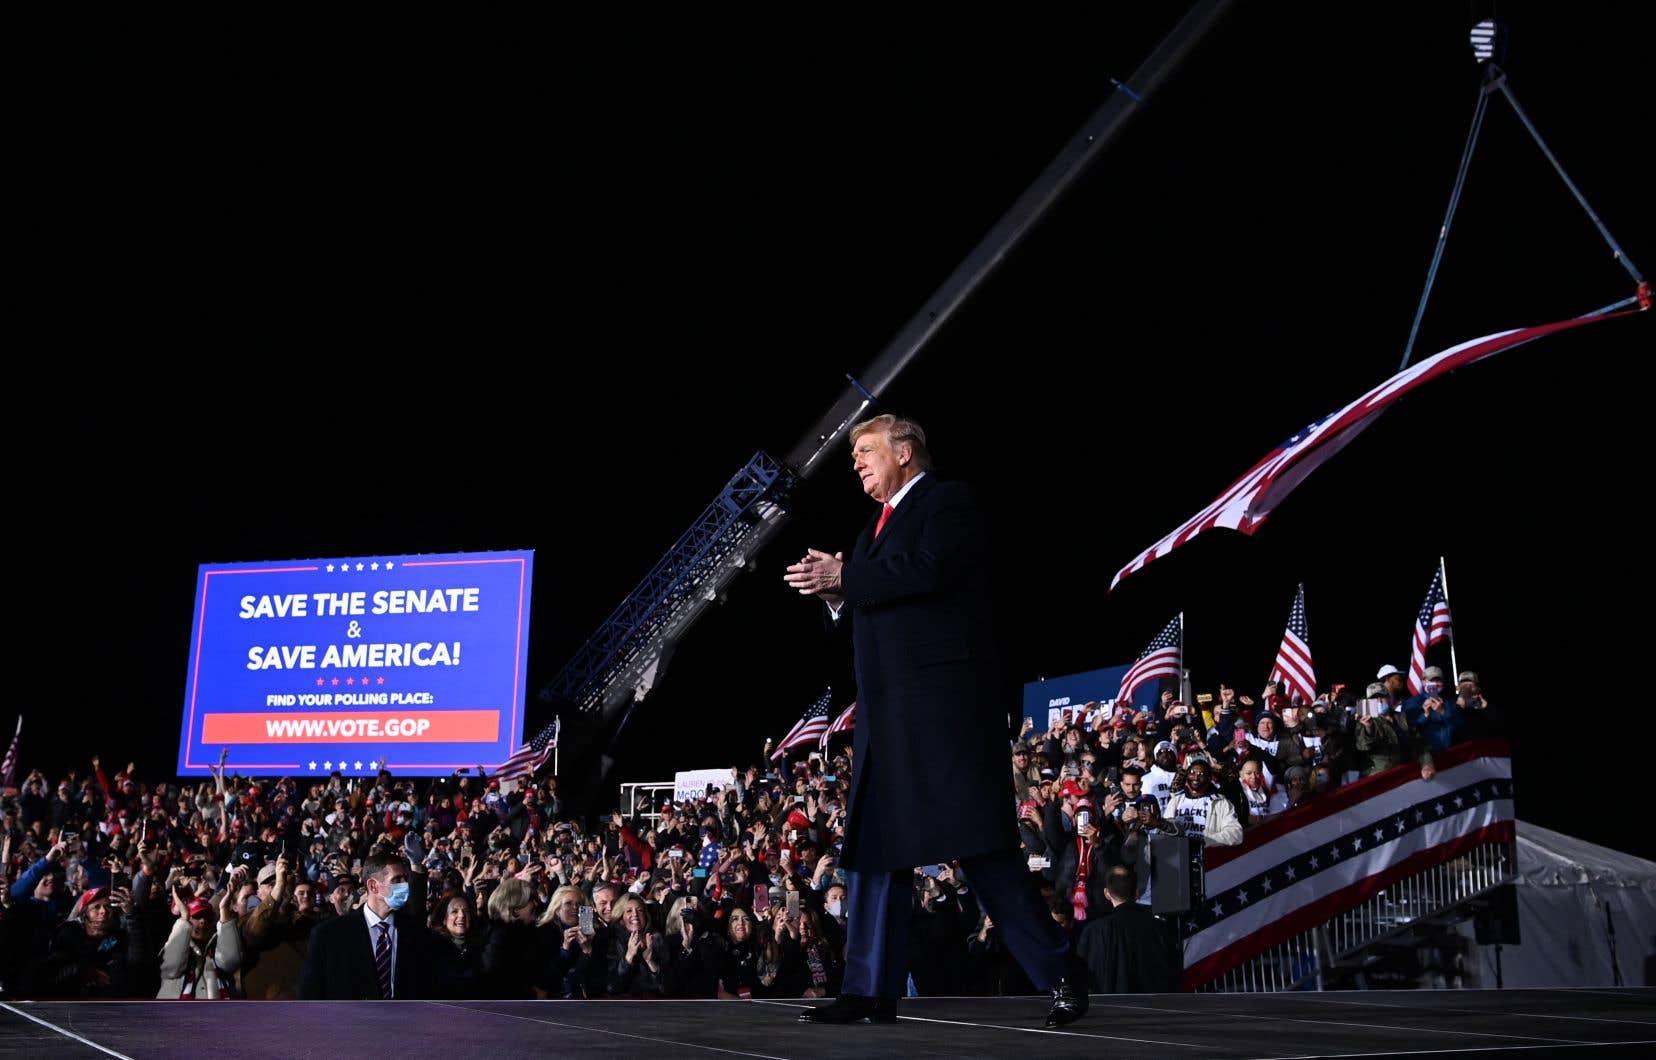 Donald Trump arrive pour prendre la parole lors d'un rassemblement en soutien aux sénateurs républicains sortants Kelly Loeffler et David Perdue, à l'aéroport régional de Dalton, en Géorgie.